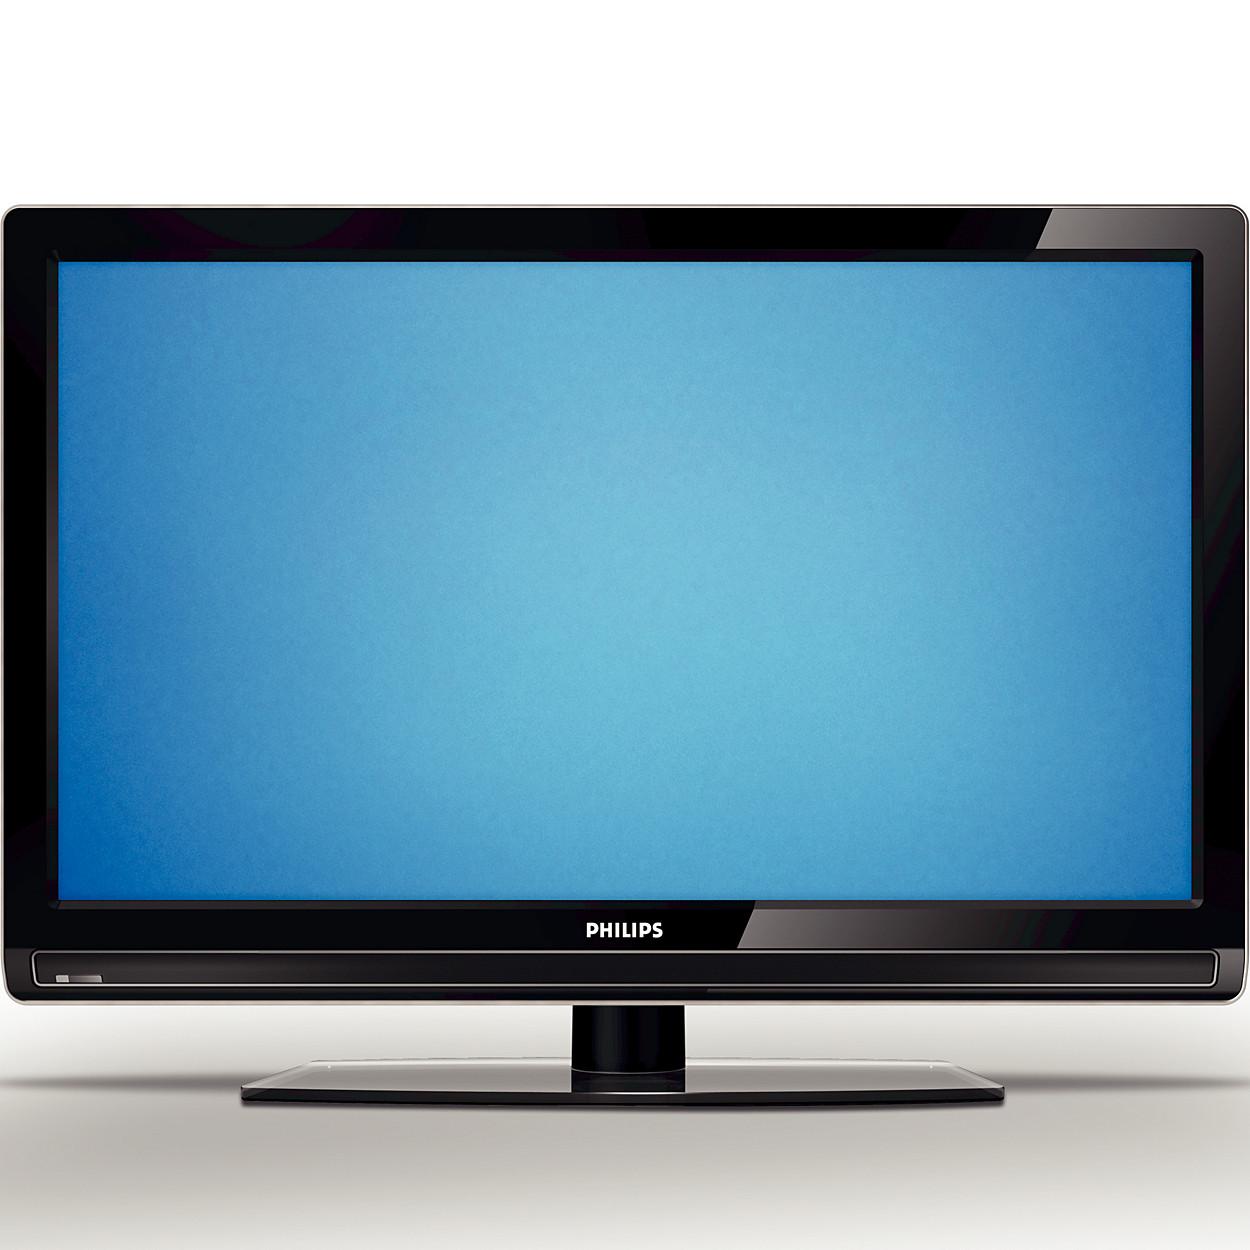 produkt philips flachbildfernseher 32pfl7762d 12 kaufen. Black Bedroom Furniture Sets. Home Design Ideas